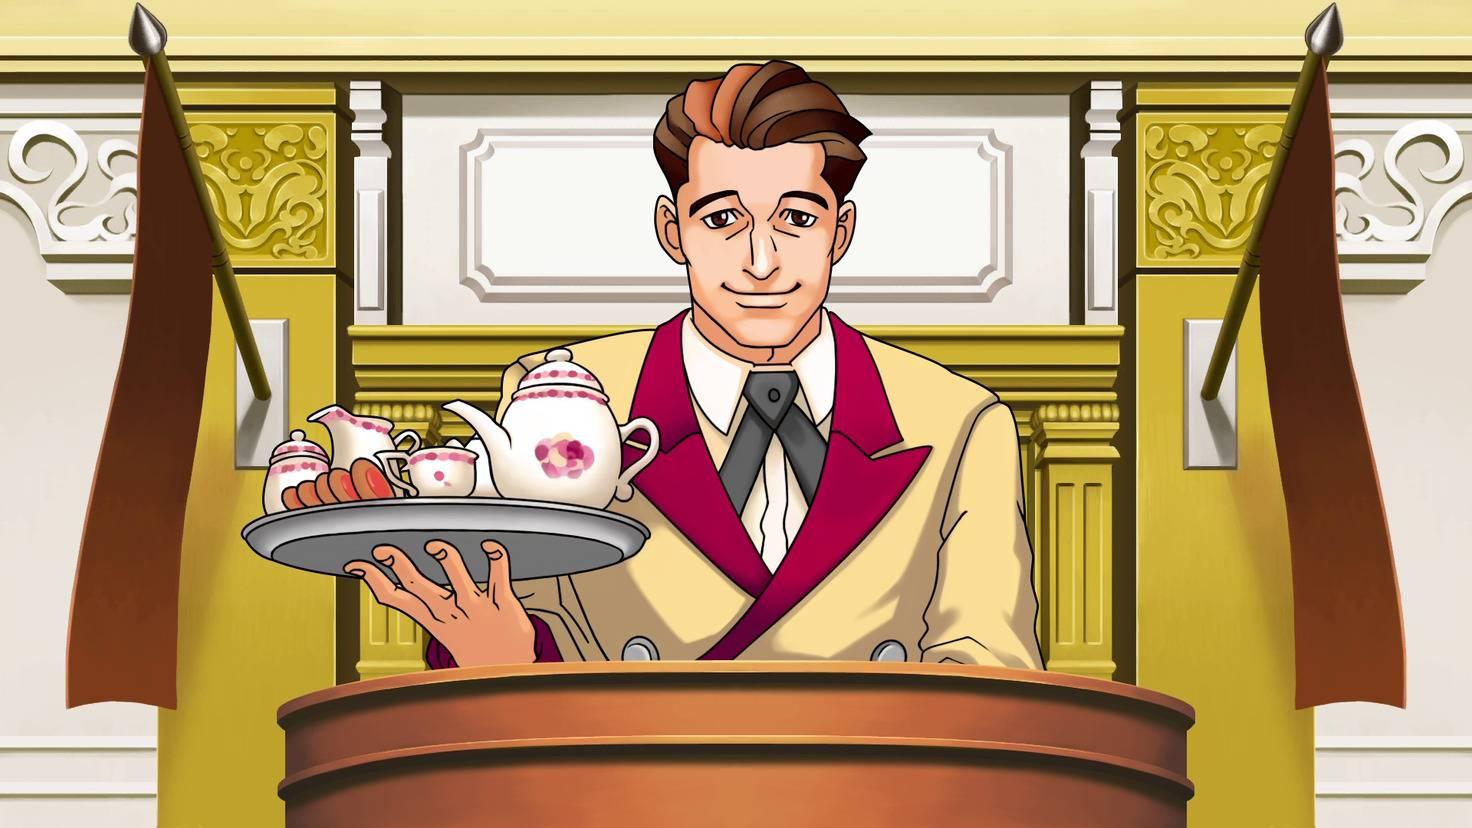 Der Hotelpage hat gleich sein Teeservice mit zur Verhandlung gebracht.